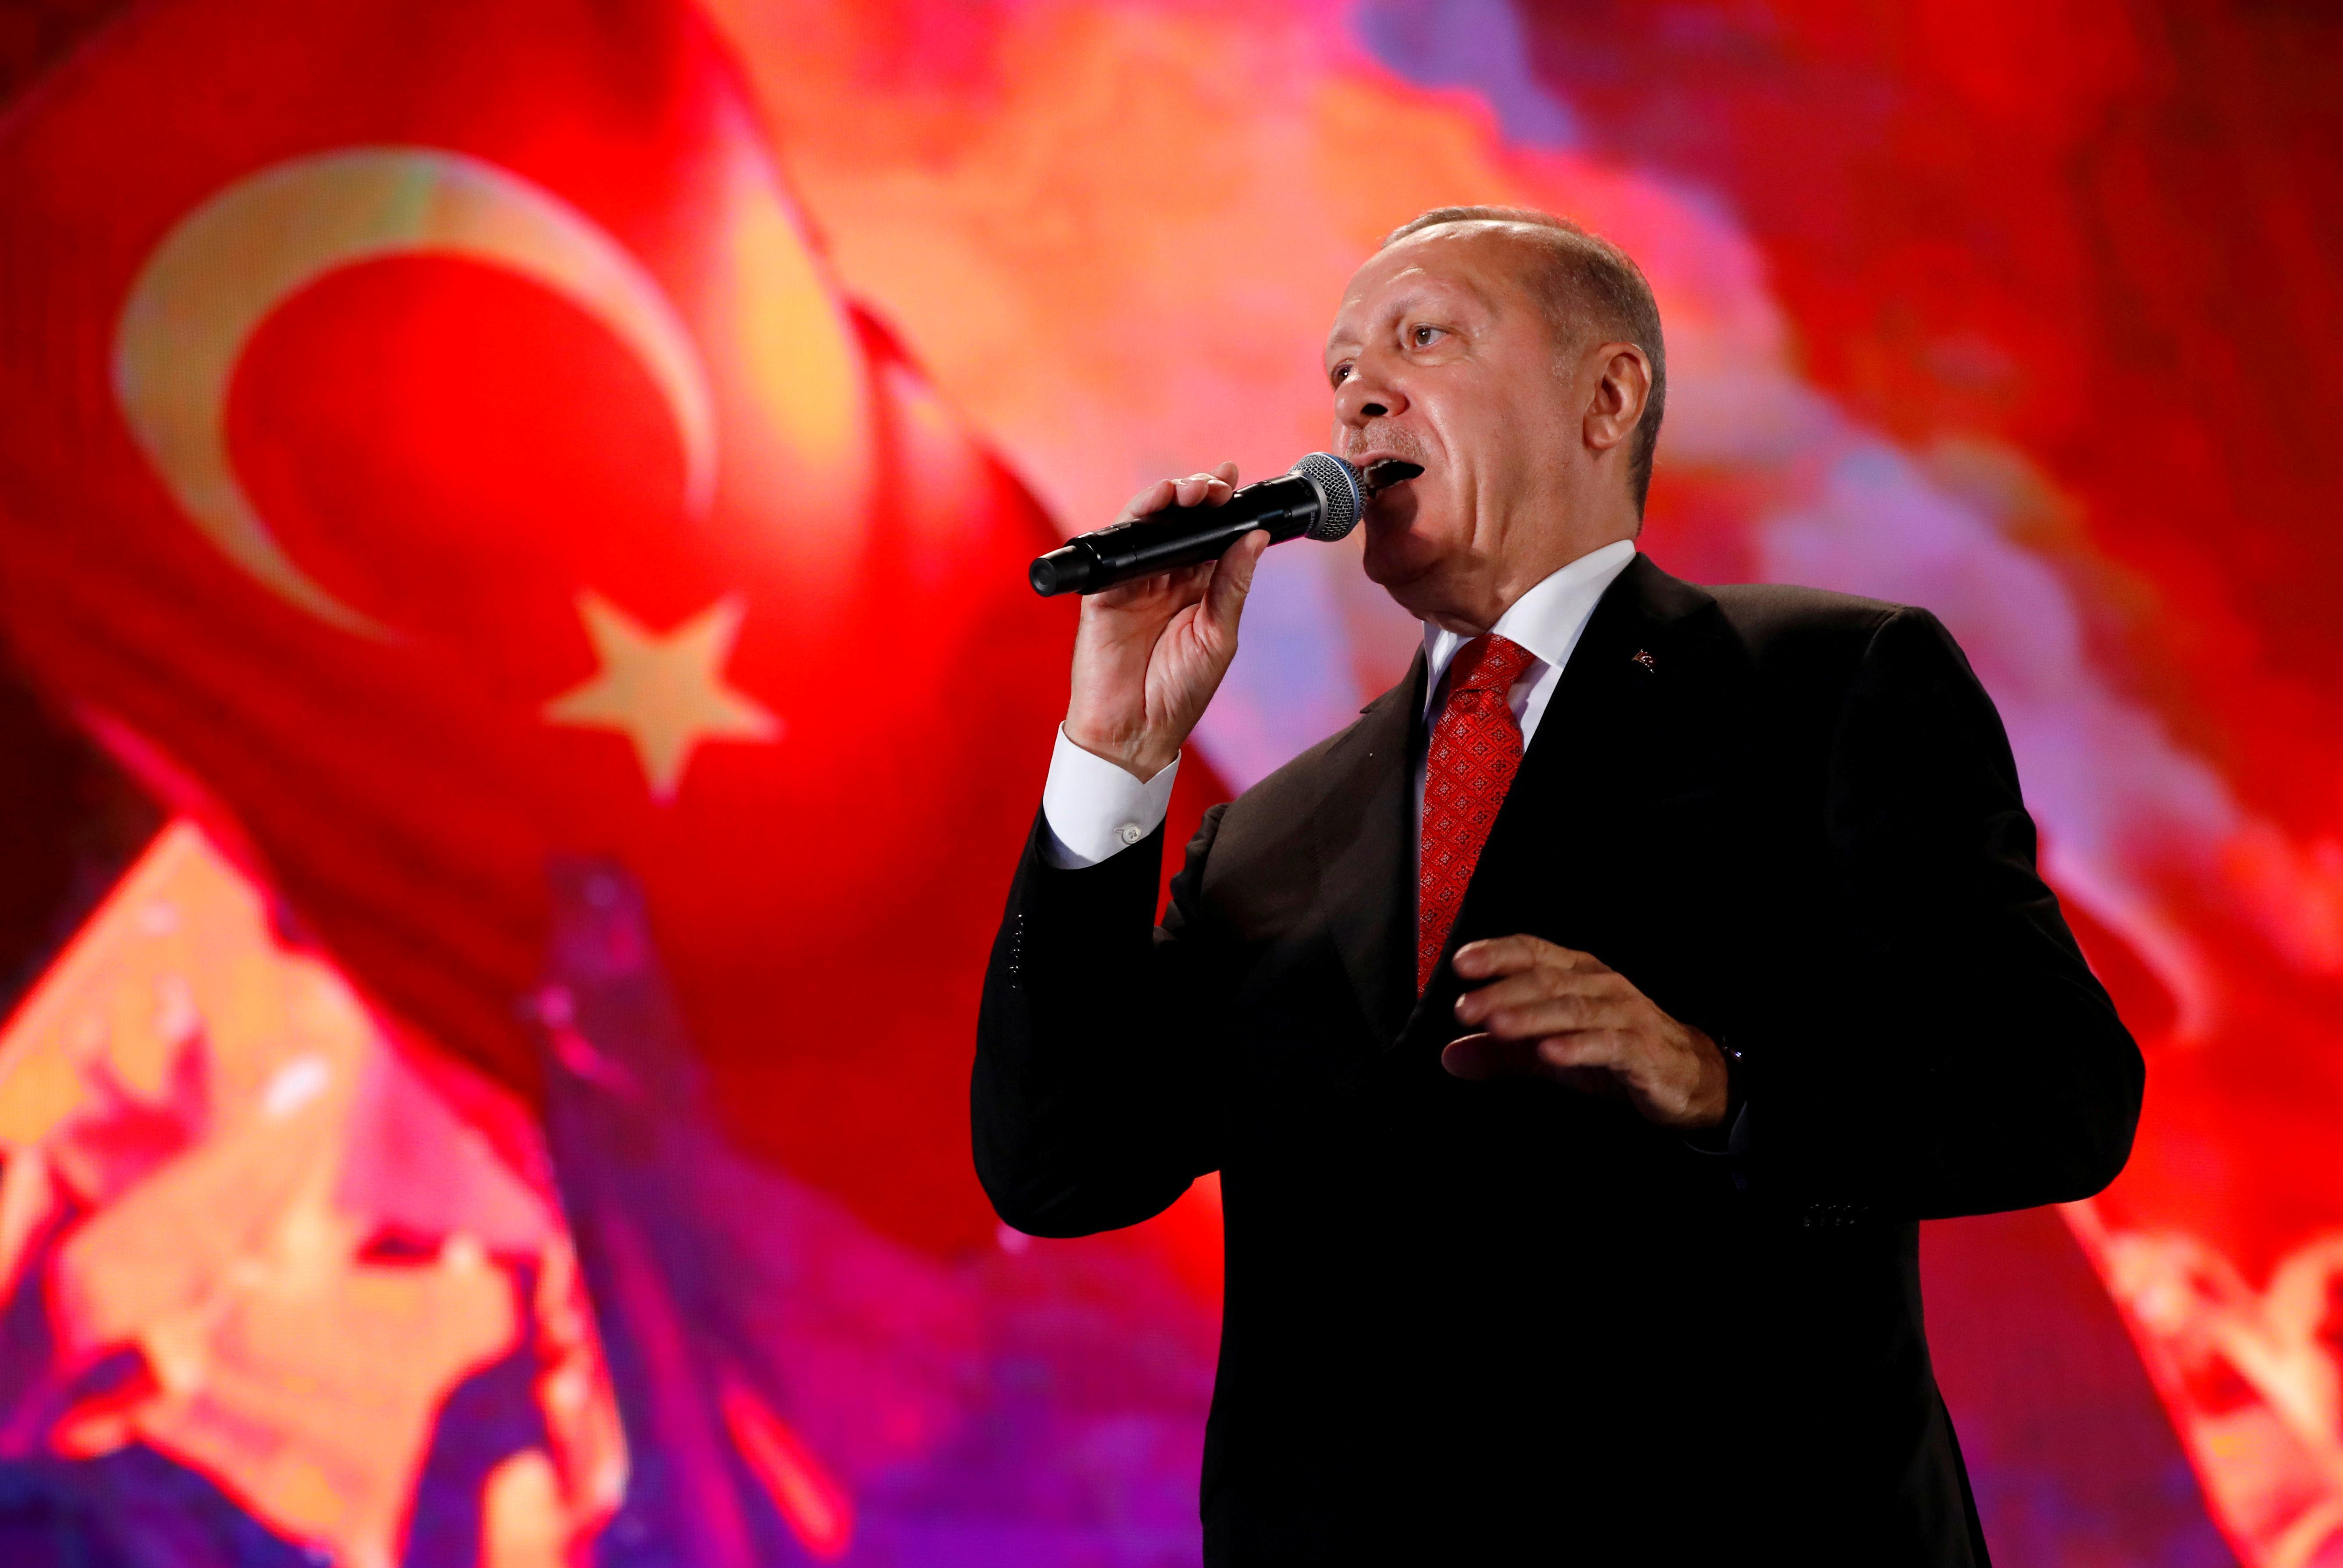 Erdogan tells Putin that Syrian offensive is causing humanitarian crisis